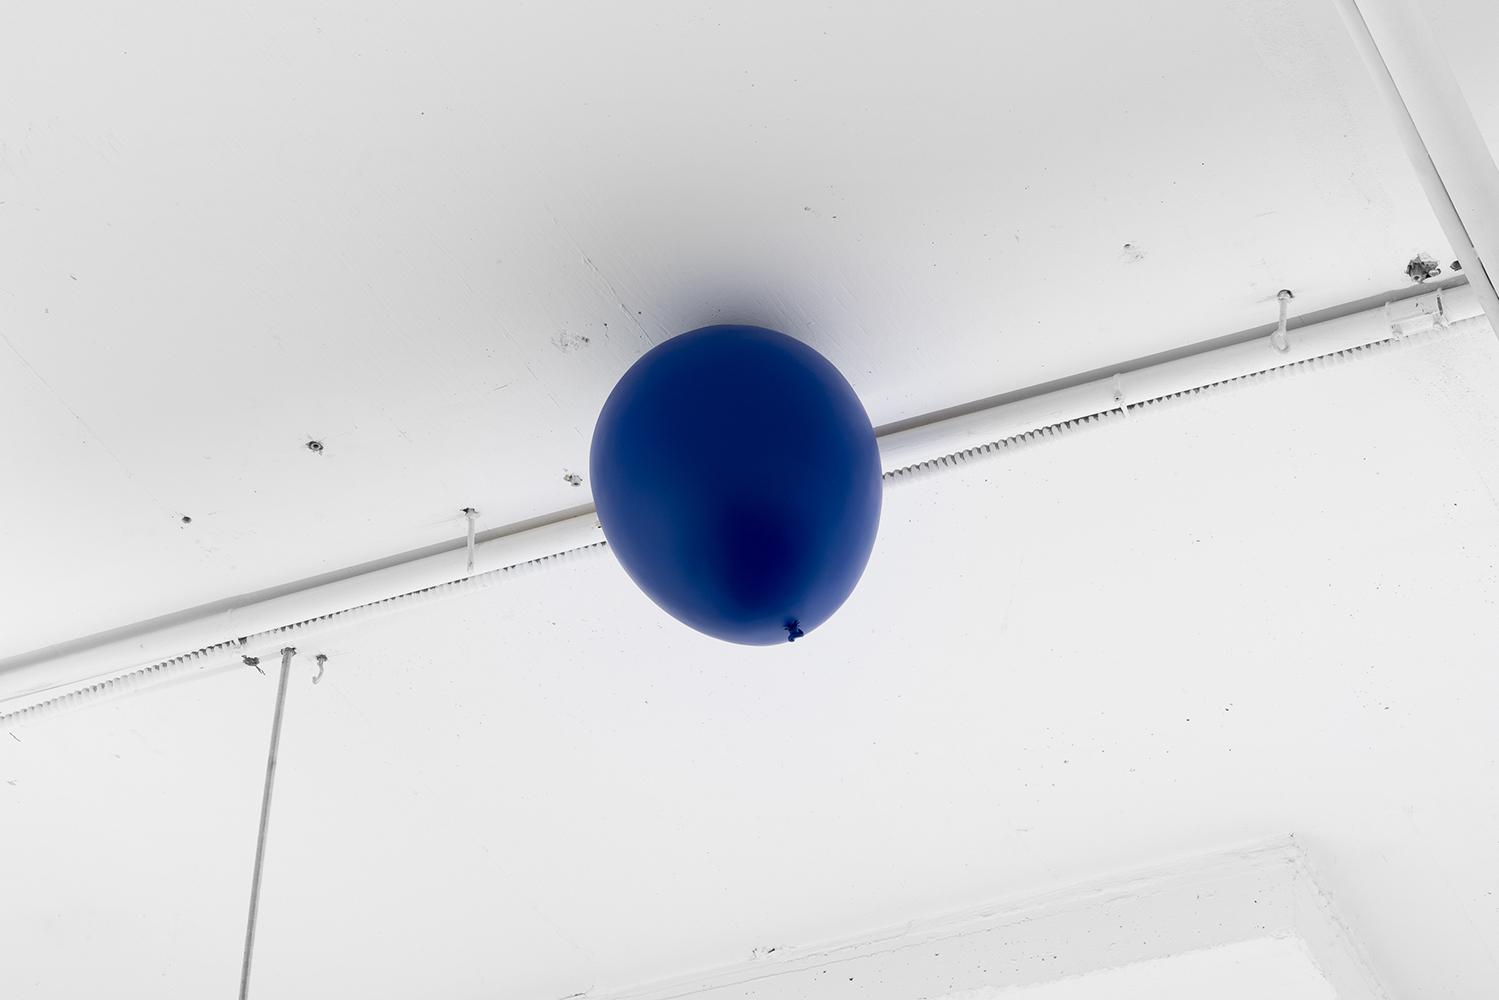 """Roula Partheniou,  Unethered (balloon), Dusk,  2019, résine, mousse, peinture automobile, 33 x 25 x 25 cm (13"""" x 10"""" x 10""""), courtoisie MKG127 Gallery"""